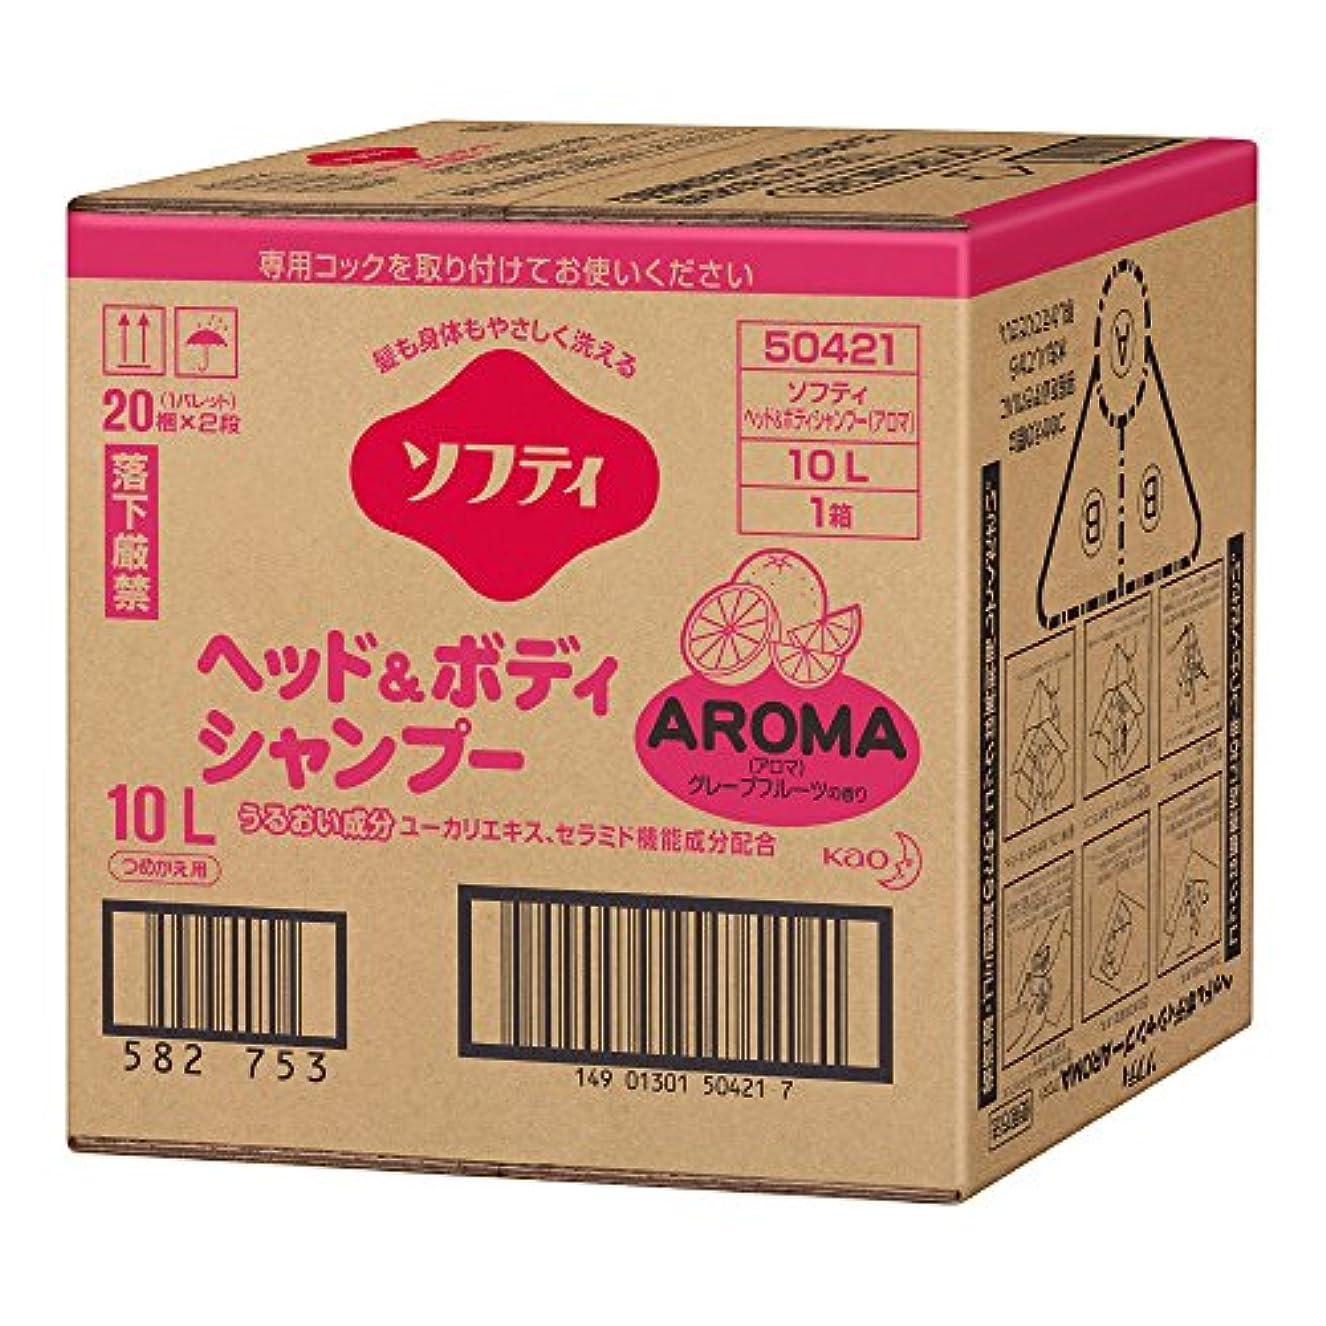 失う掃くポールソフティ ヘッド&ボディシャンプーAROMA(アロマ) 10L バッグインボックスタイプ (花王プロフェッショナルシリーズ)